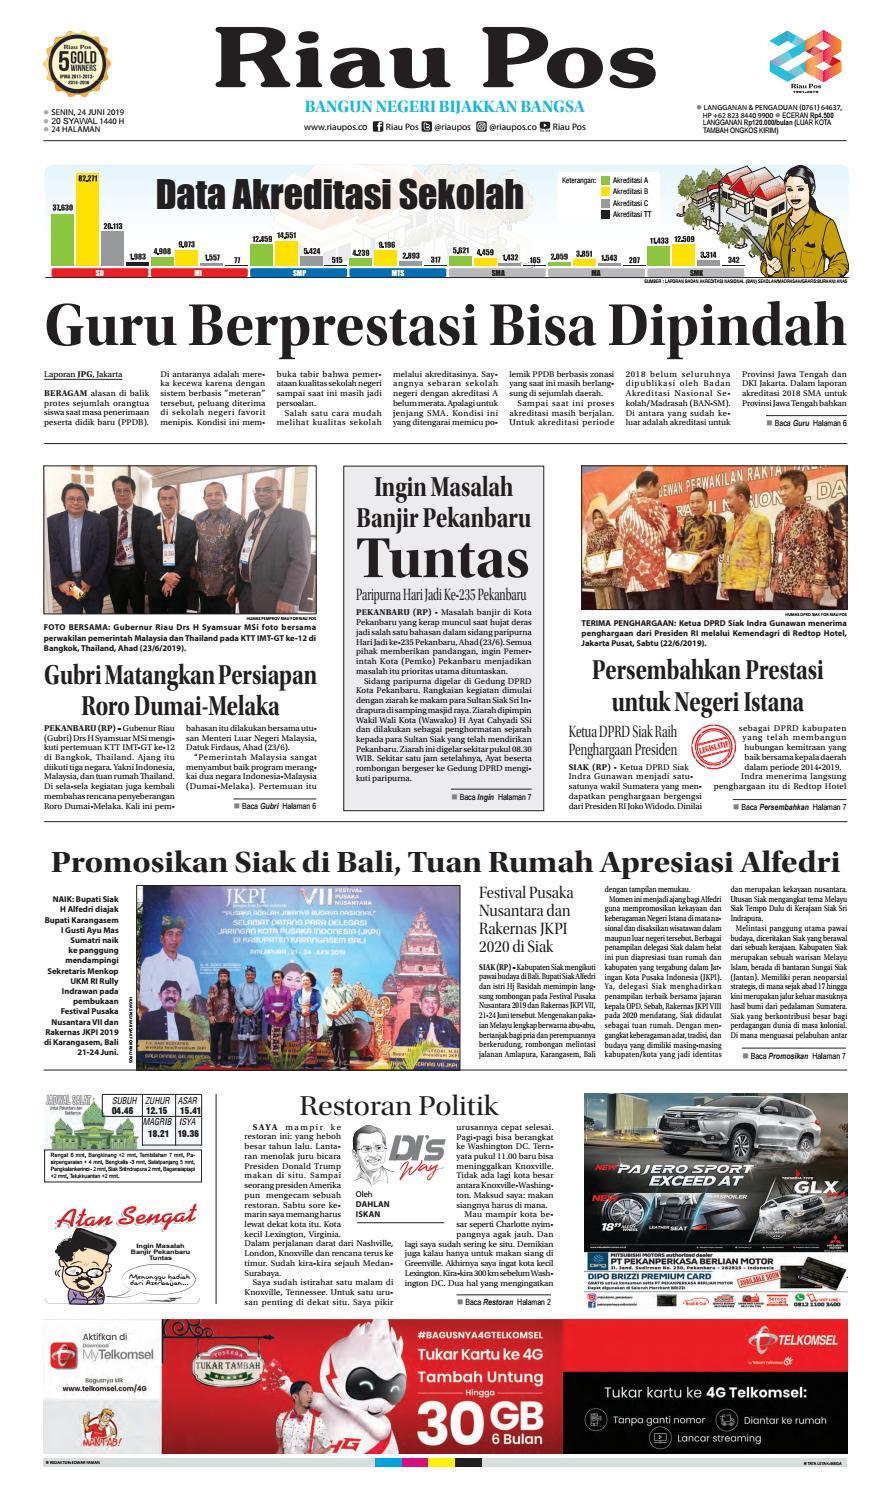 Jawaban Tugas Hal 159 Bahasa Indonesia Kelas 10 - Guru ...